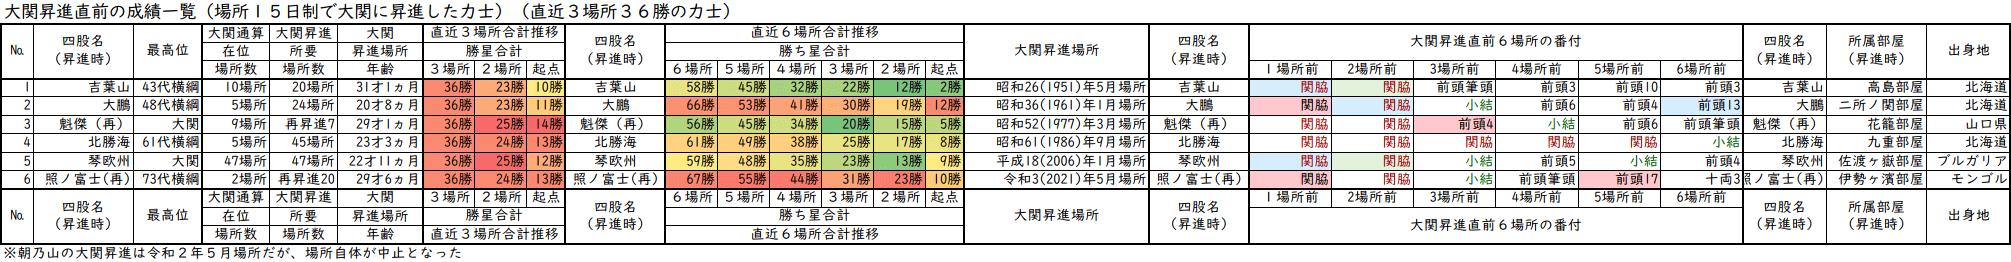 大関昇進前3場所の成績が36勝の力士一覧表・直近3場所及び直近6場所の合計勝ち星と番付